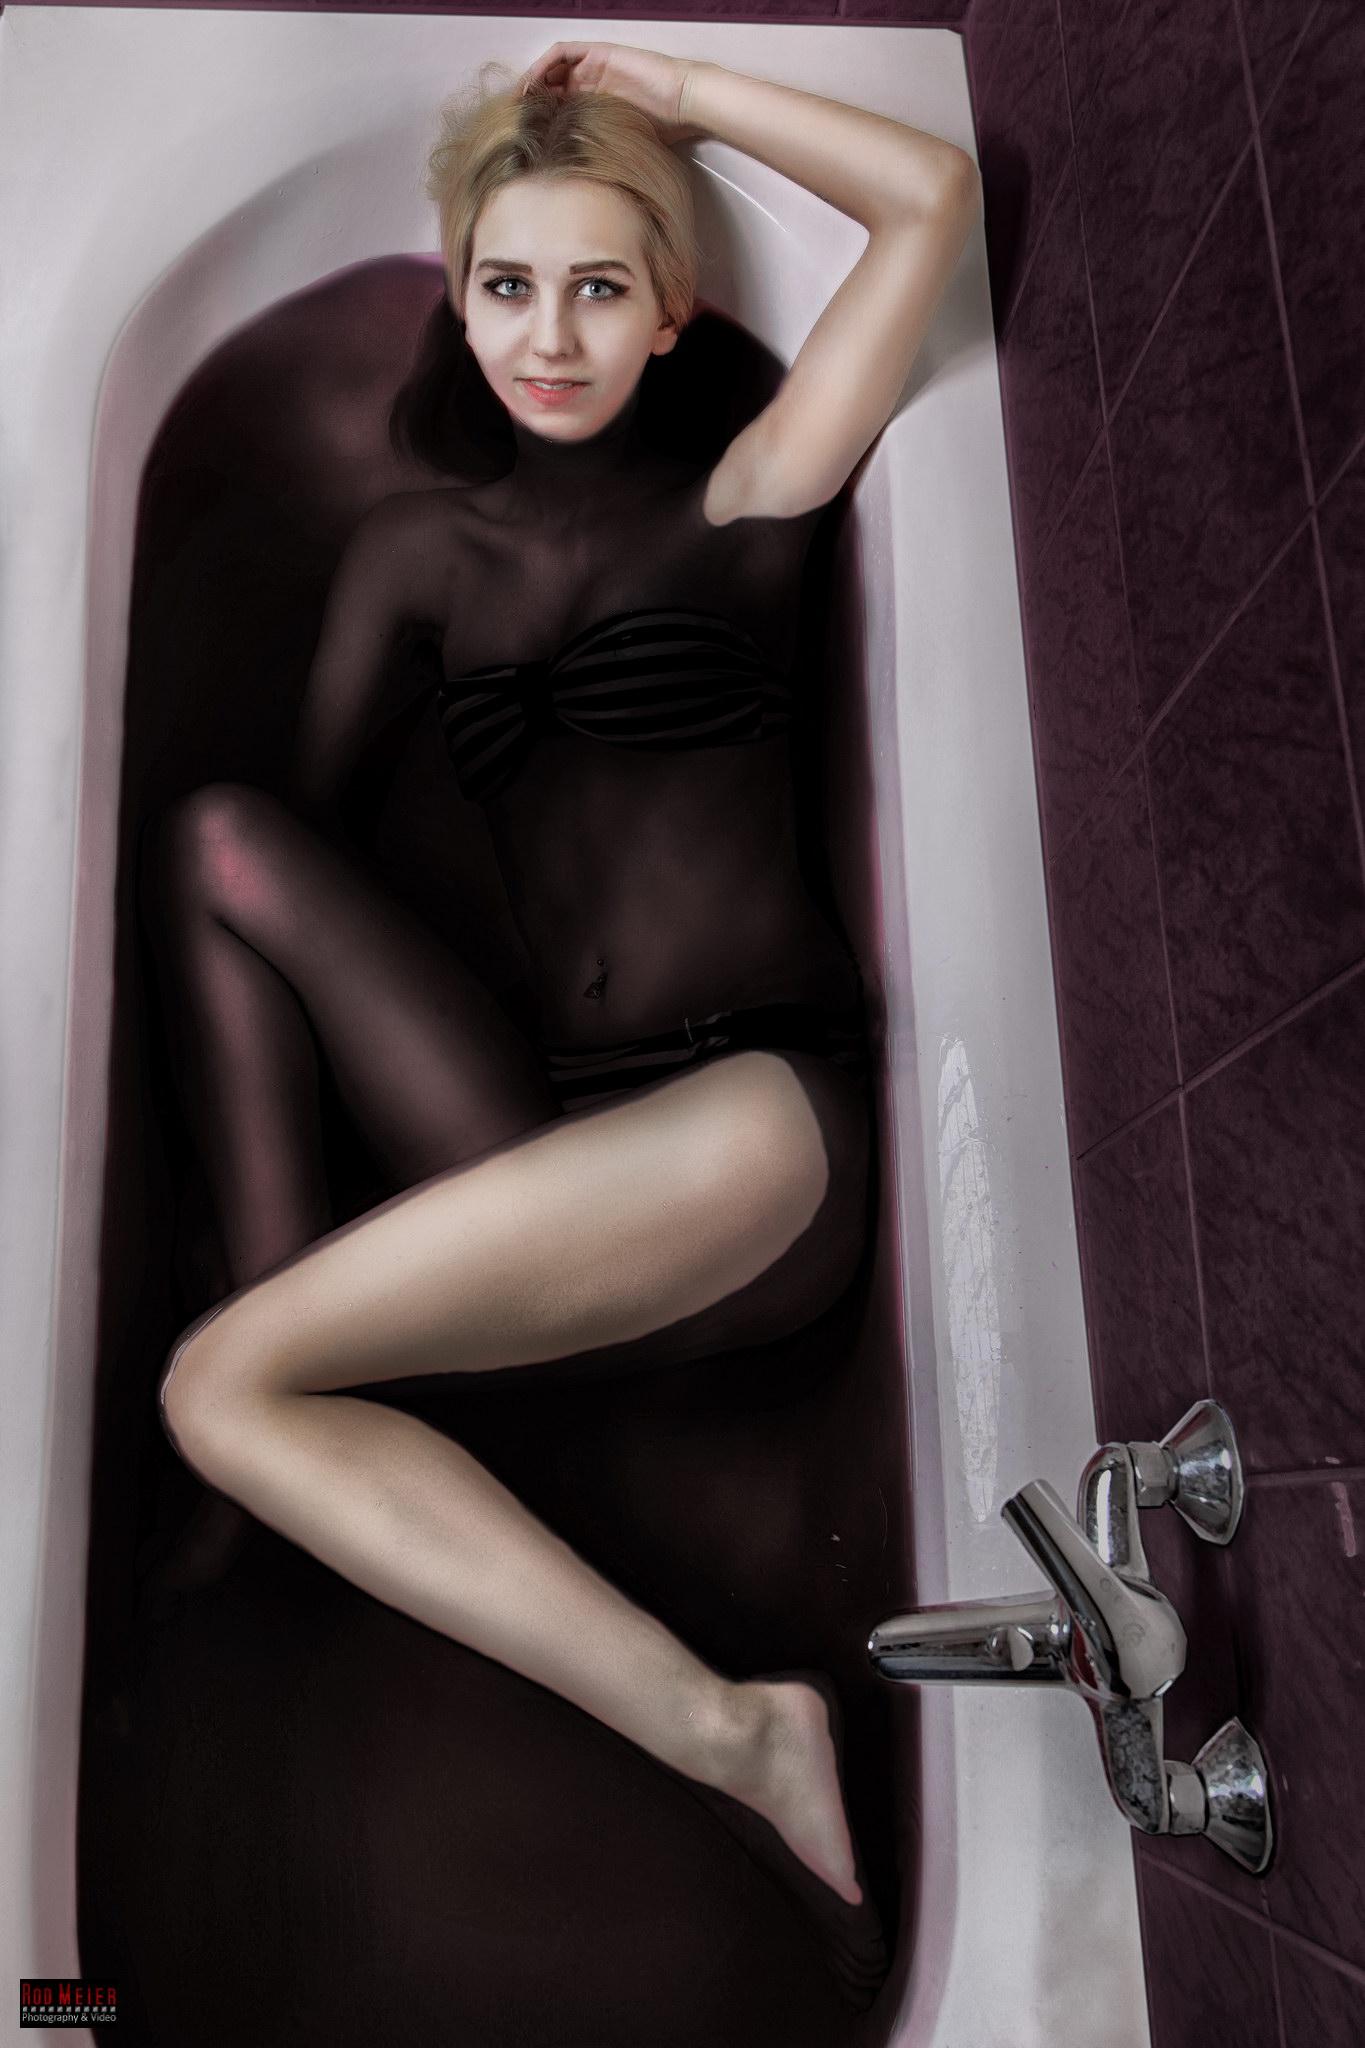 Bathtub - red magenta water